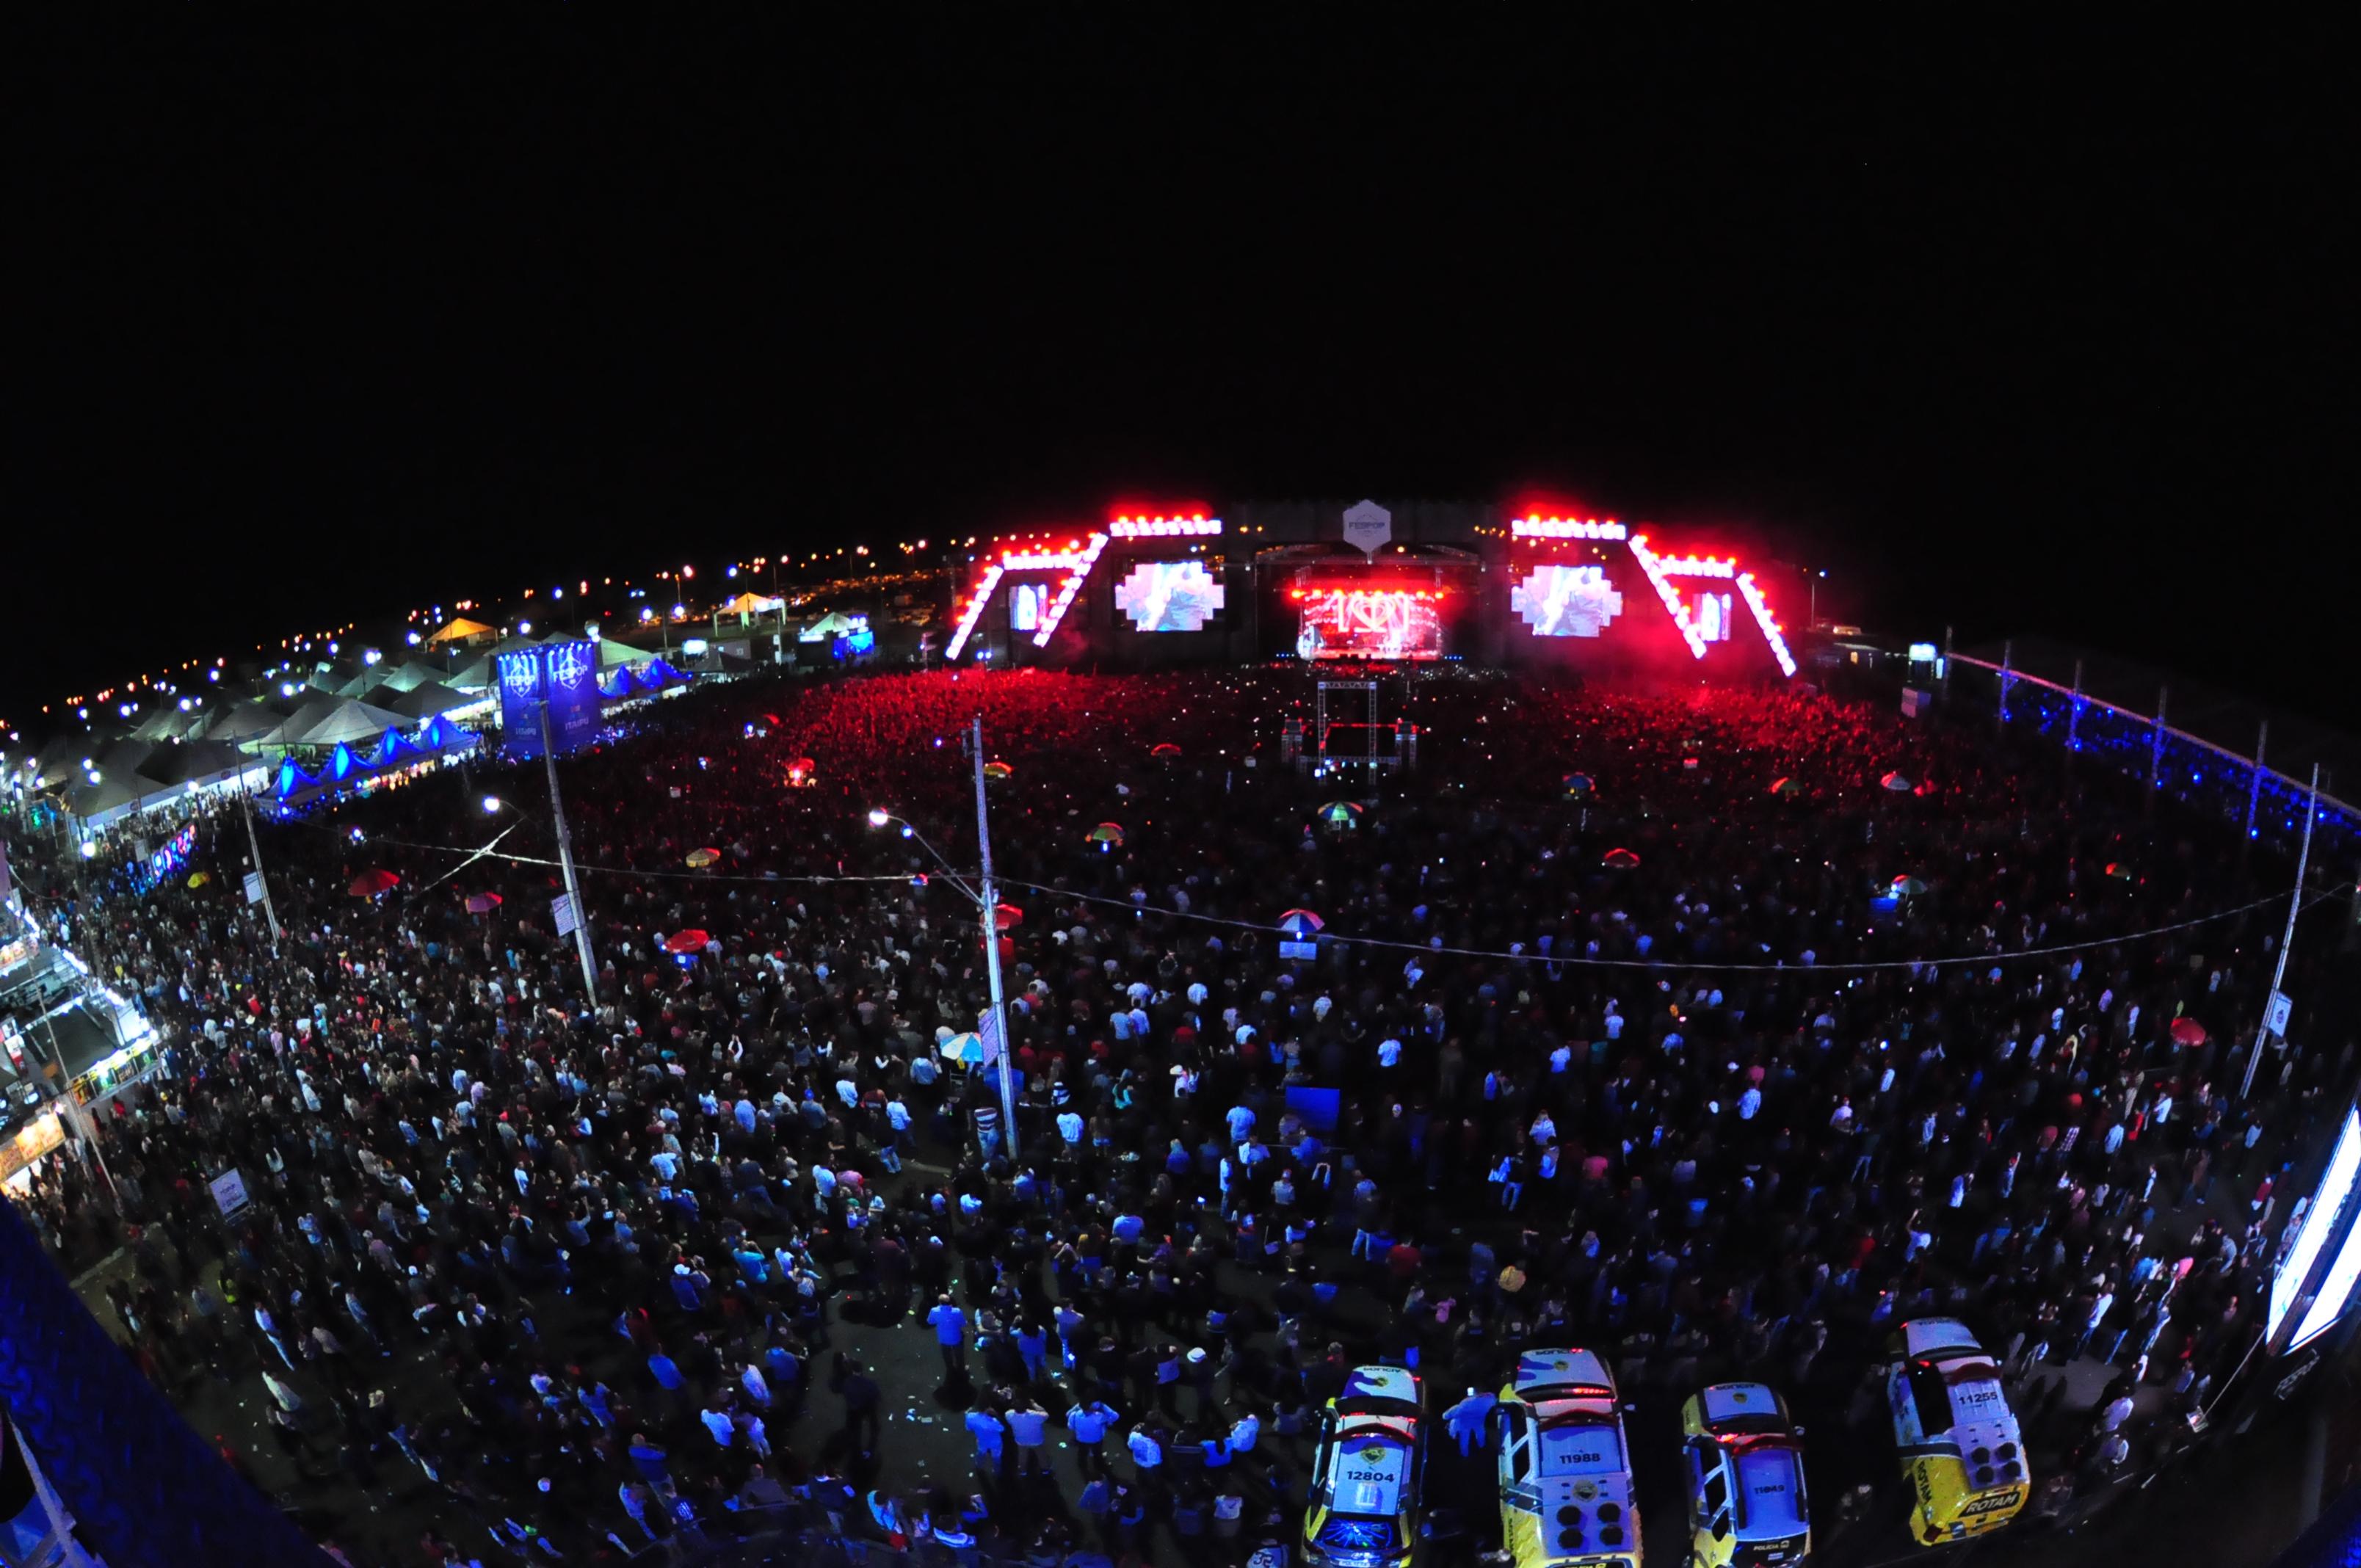 Fespop 2018 encerra em grande estilo e deixa saudade Aproximadamente 170 mil pessoas passaram pela feira em 4 dias de festa